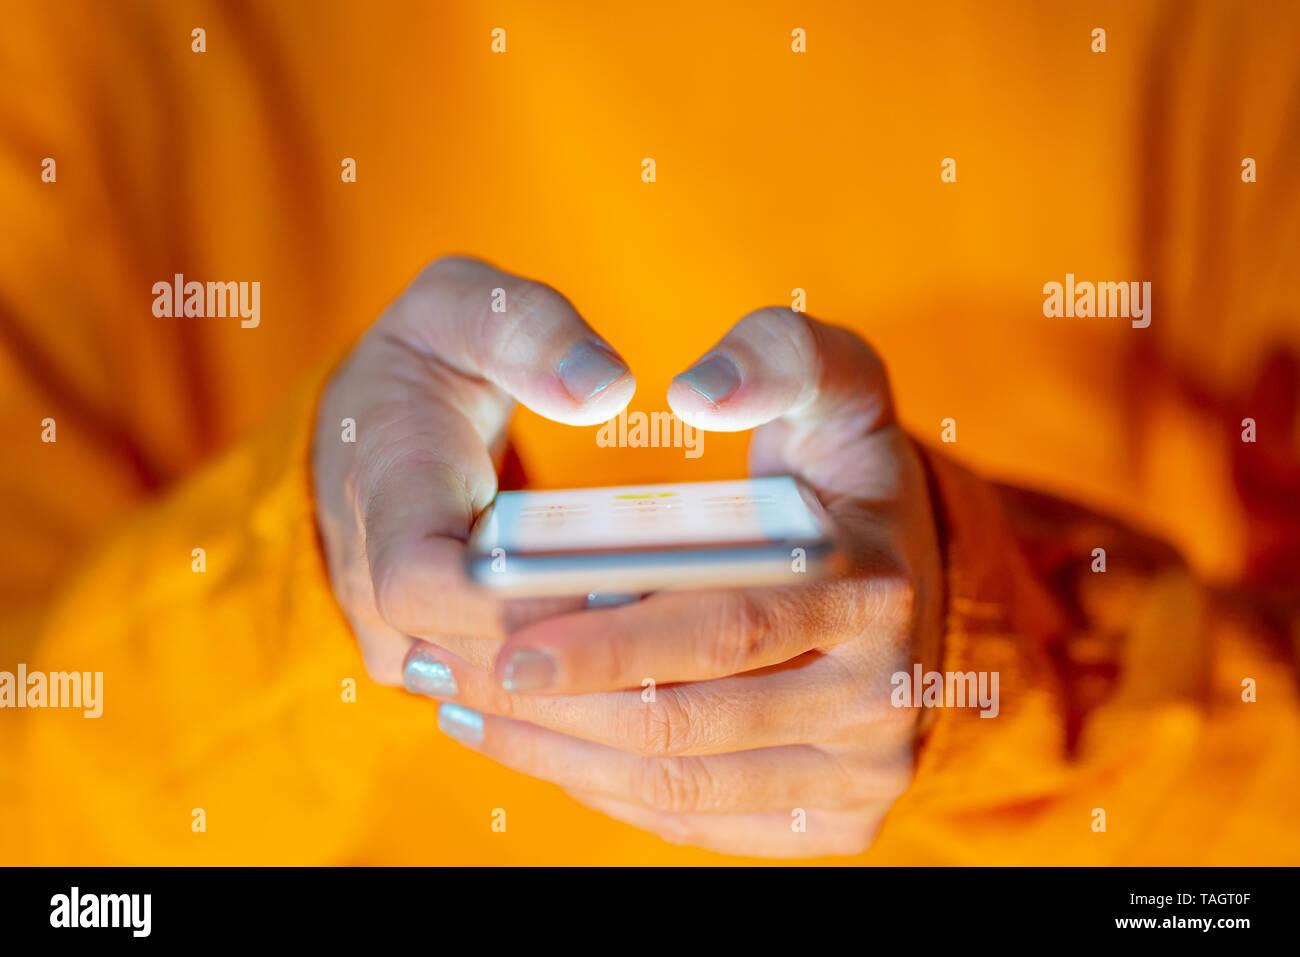 Manos de mujer joven o adolescente enviar texto en medios sociales app en Internet y móviles adicción Cyberbullying comunicaciones y tecnología moderna Foto de stock